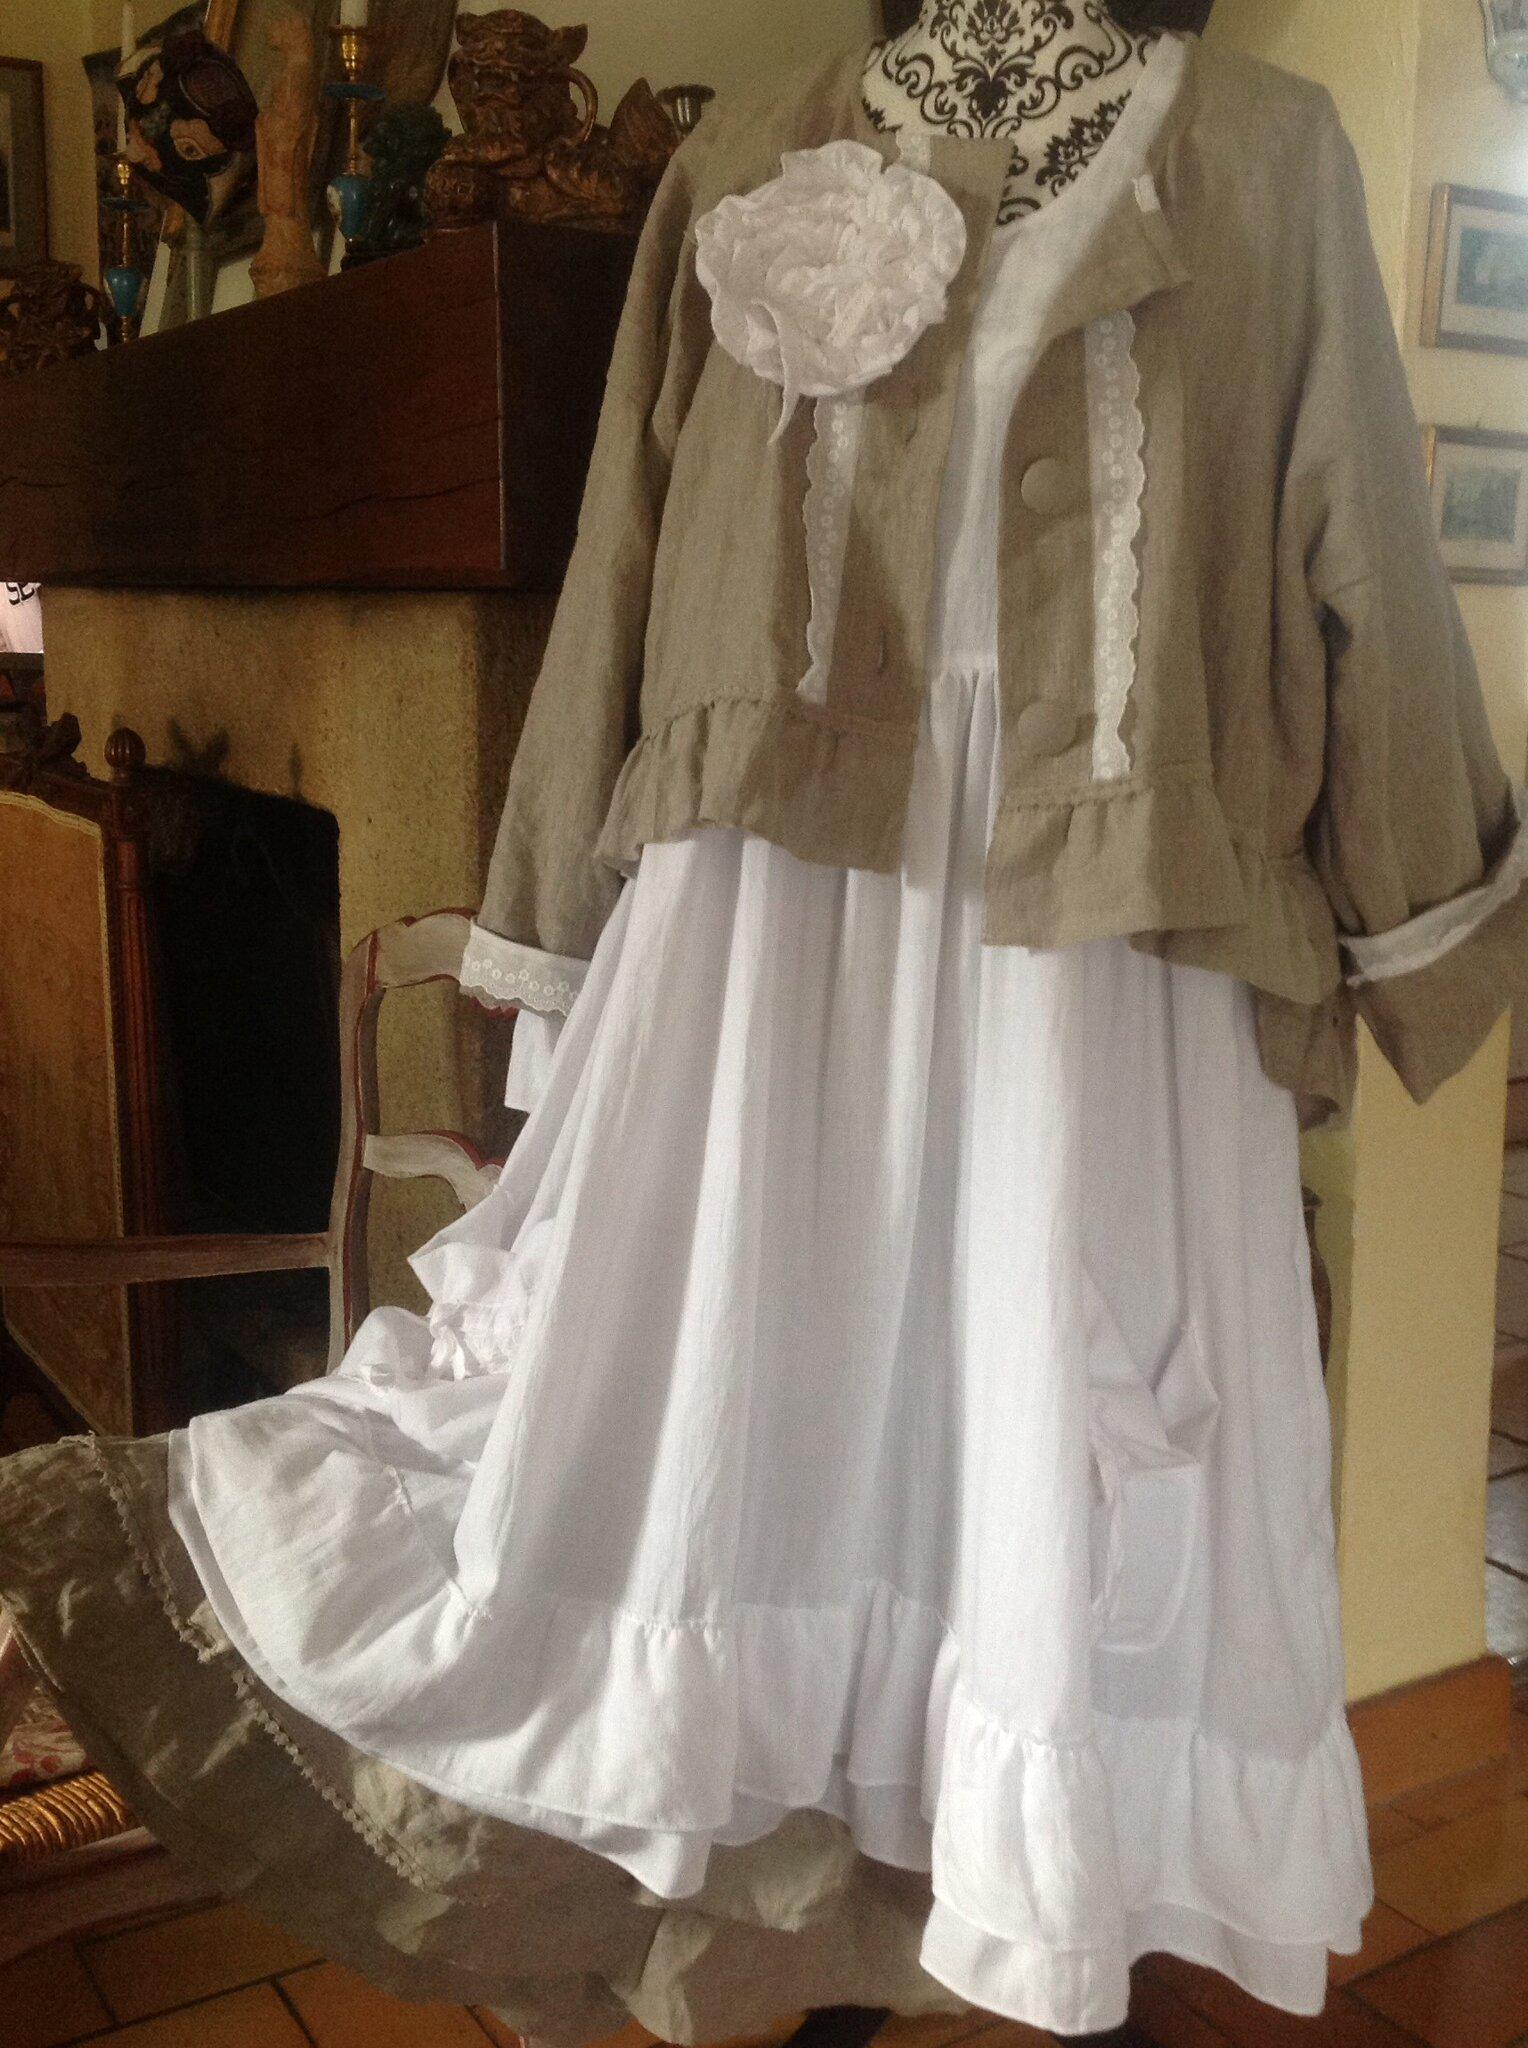 Mariage choux bijoux cailloux cbc for Robes de renouvellement de voeux de mariage taille plus